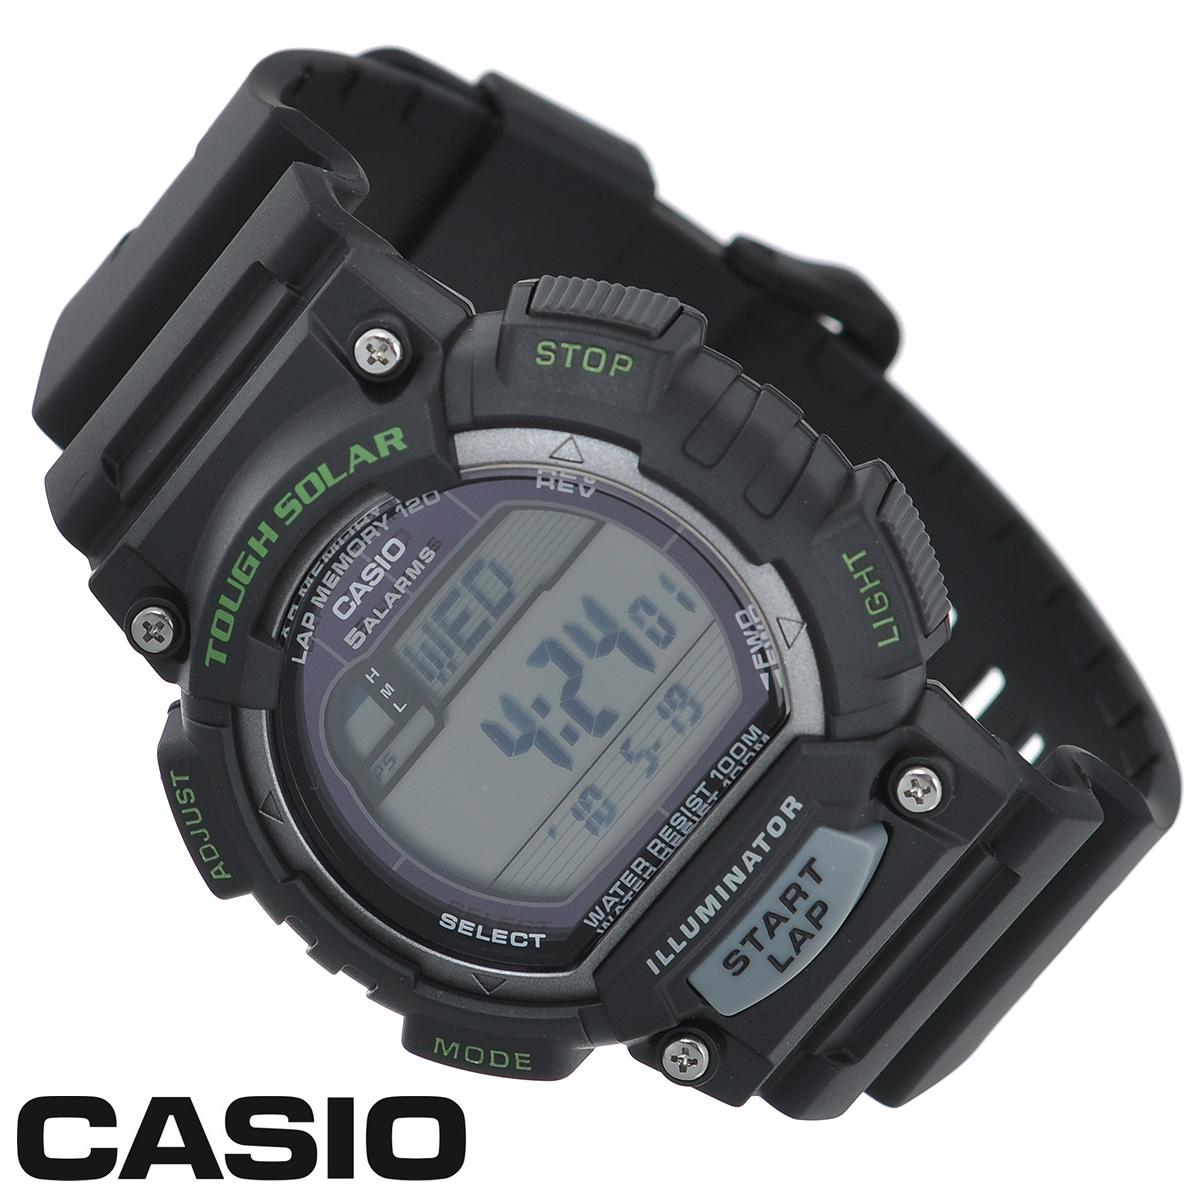 Часы мужские наручные Casio, цвет: черный, серый. STL-S100H-1ASTL-S100H-1AСтильные электронно-механические часы от японского брэнда Casio - это яркий функциональный аксессуар для современных людей, которые стремятся выделиться из толпы и подчеркнуть свою индивидуальность. Часы выполнены в спортивном стиле. Часы оснащены японским кварцевым механизмом. Корпус и ремешок часов изготовлены из пластика. ЖК-дисплей с LED-подсветкой защищен пластиковым стеклом. Ремешок имеет классическую застежку.Основные функции:-индикатор заряда батареи;-функция автоматического сохранения энергии;-секундомер с точностью показаний 1/100с и временем измерения 1ч;-память на 120 этапов;-номер и лучшее время этапа;-два таймера обратного отсчета времени от 5 с до 100 мин с устанавливаемым количеством повторов от 1 до 10;-мировое время;-12-ти и 24-х часовой формат времени;-функция отключения/включения звука.Питание часов осуществляется от солнечной энергии. Время работы аккумулятора без подзарядки - 11 месяцев, при включенной функции сохранения энергии - 38 месяцев.Часы упакованы в фирменную коробку с логотипом Casio. Такой аксессуар добавит вашему образу стиля и подчеркнет безупречный вкус своего владельца.Характеристики:Диаметр циферблата: 3,2 см. Размер корпуса: 5,1 см х 4,5 см х 1,3 см. Длина ремешка (с корпусом): 25 см. Ширина ремешка: 2 см.STAINLESS STELL BACK MADE IN CHINA EA.